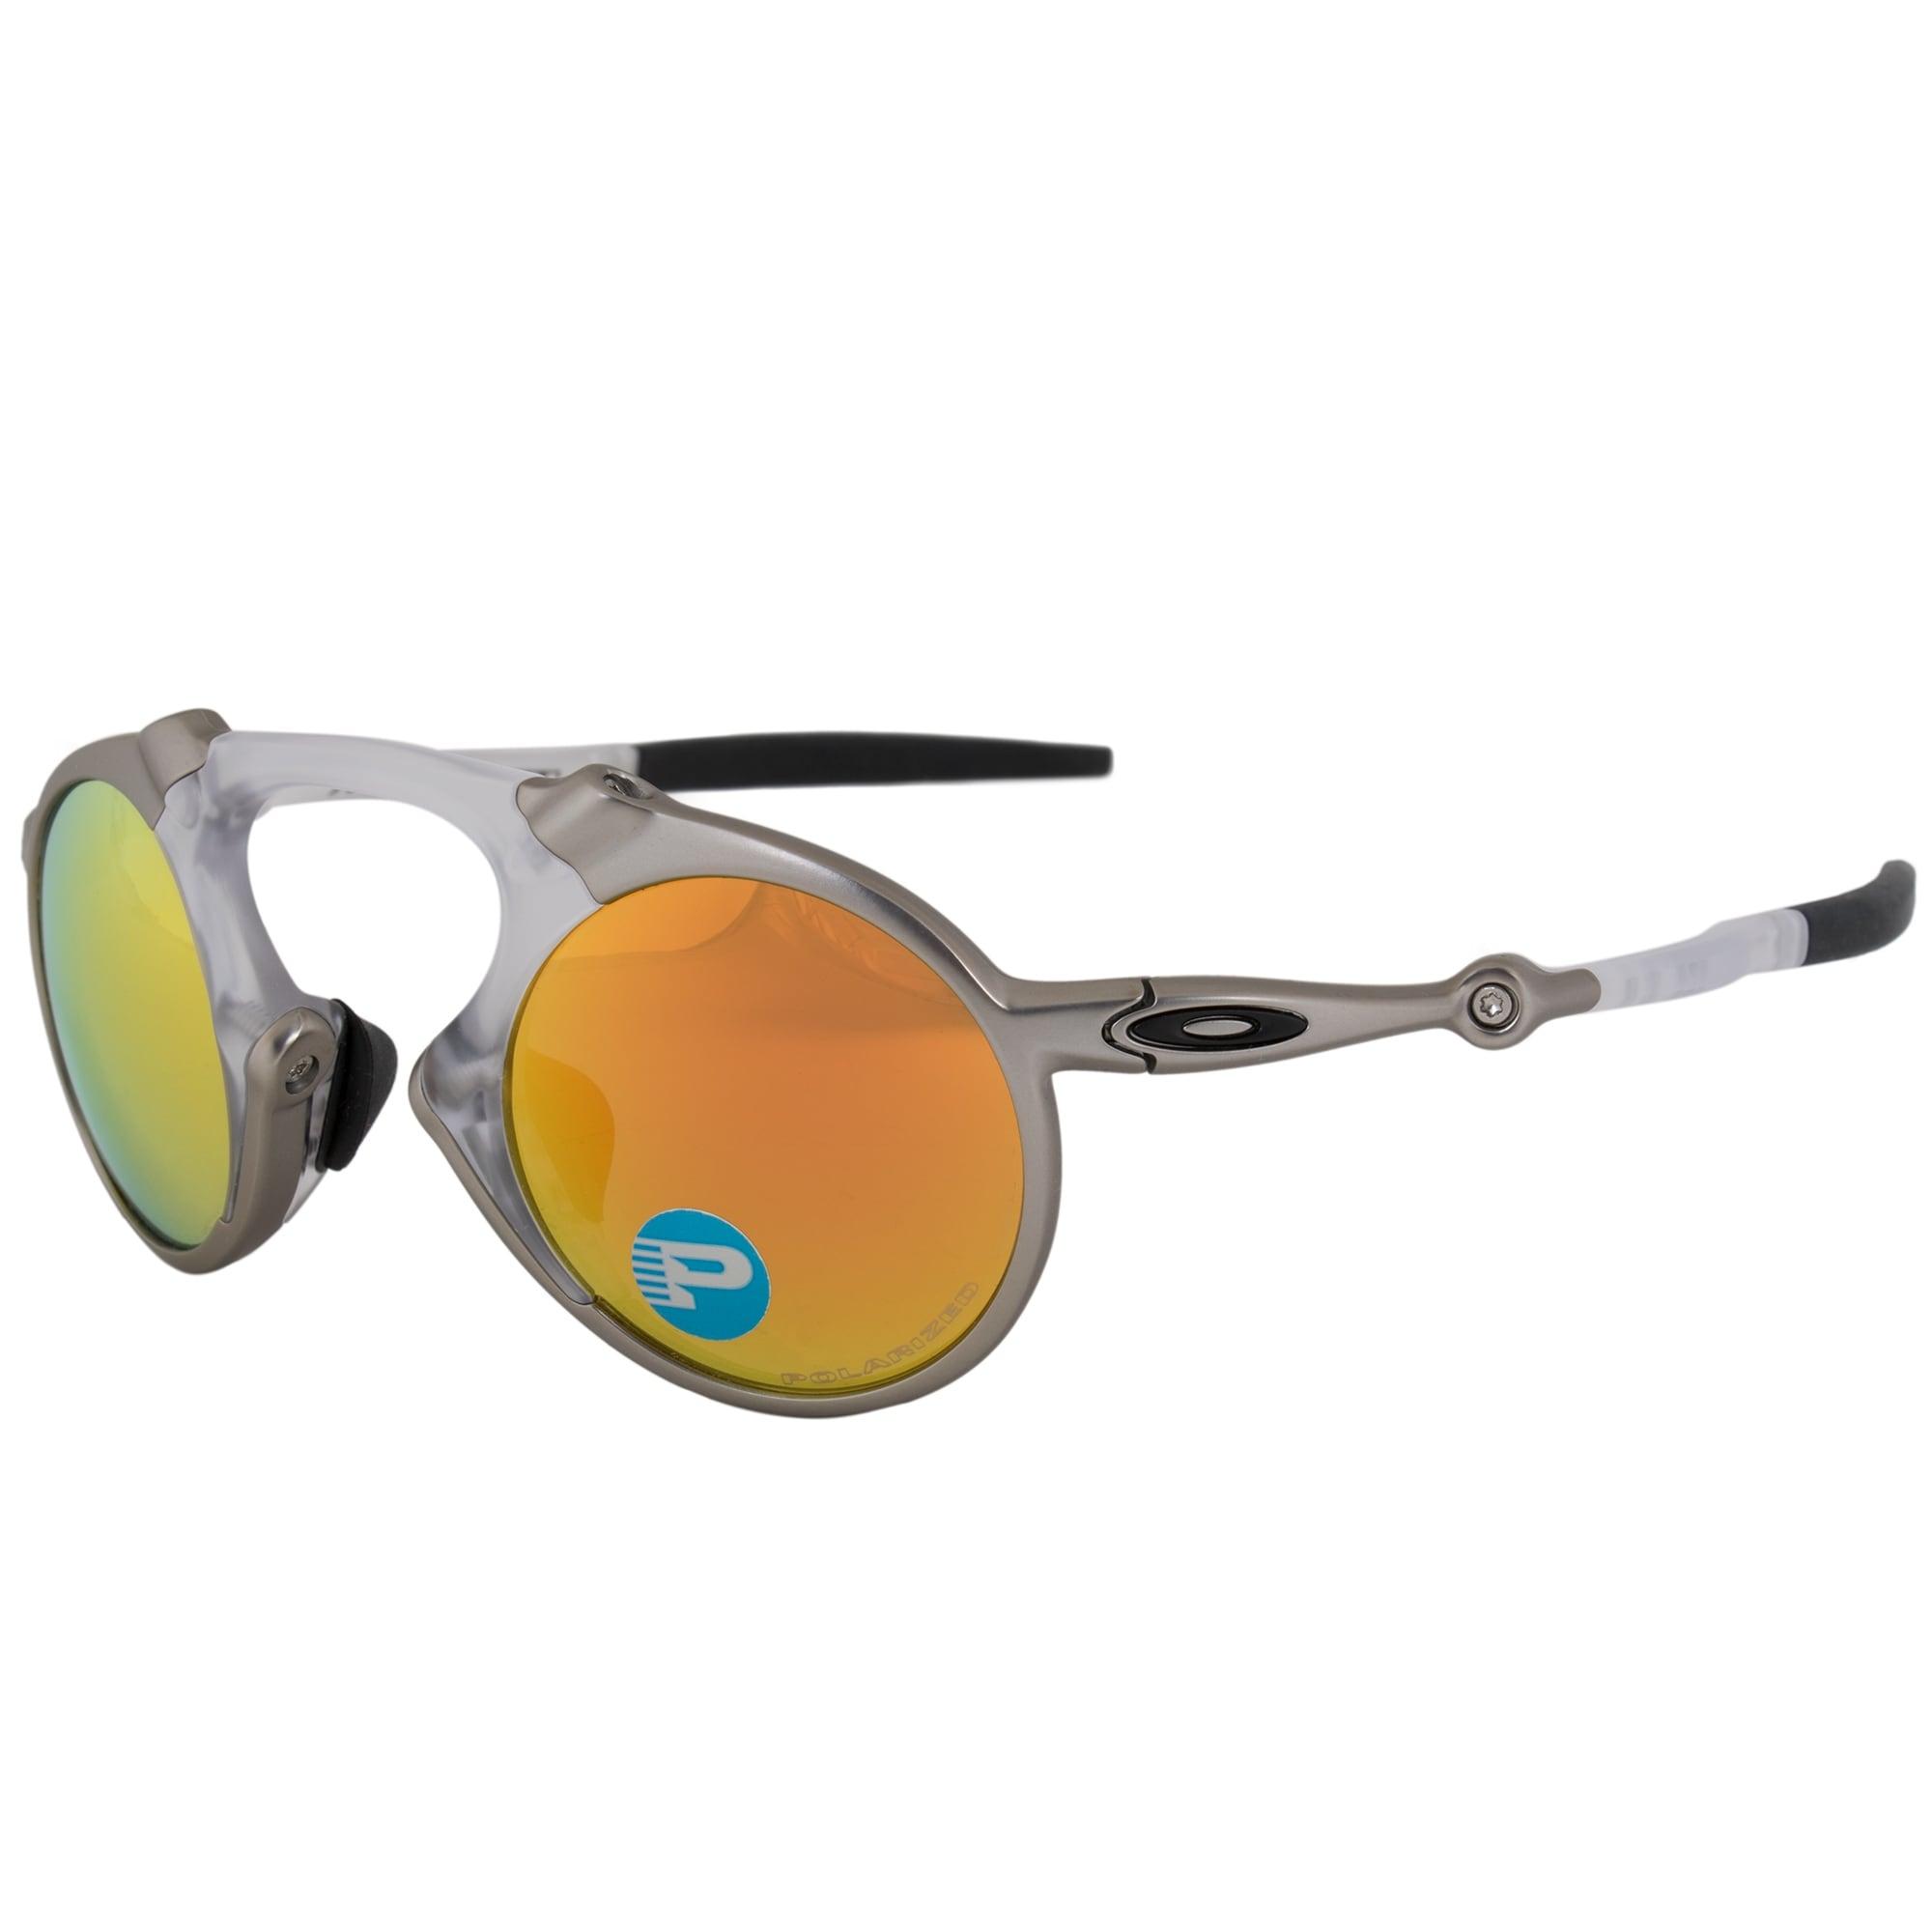 3d30274667b Oakley Women s Sunglasses